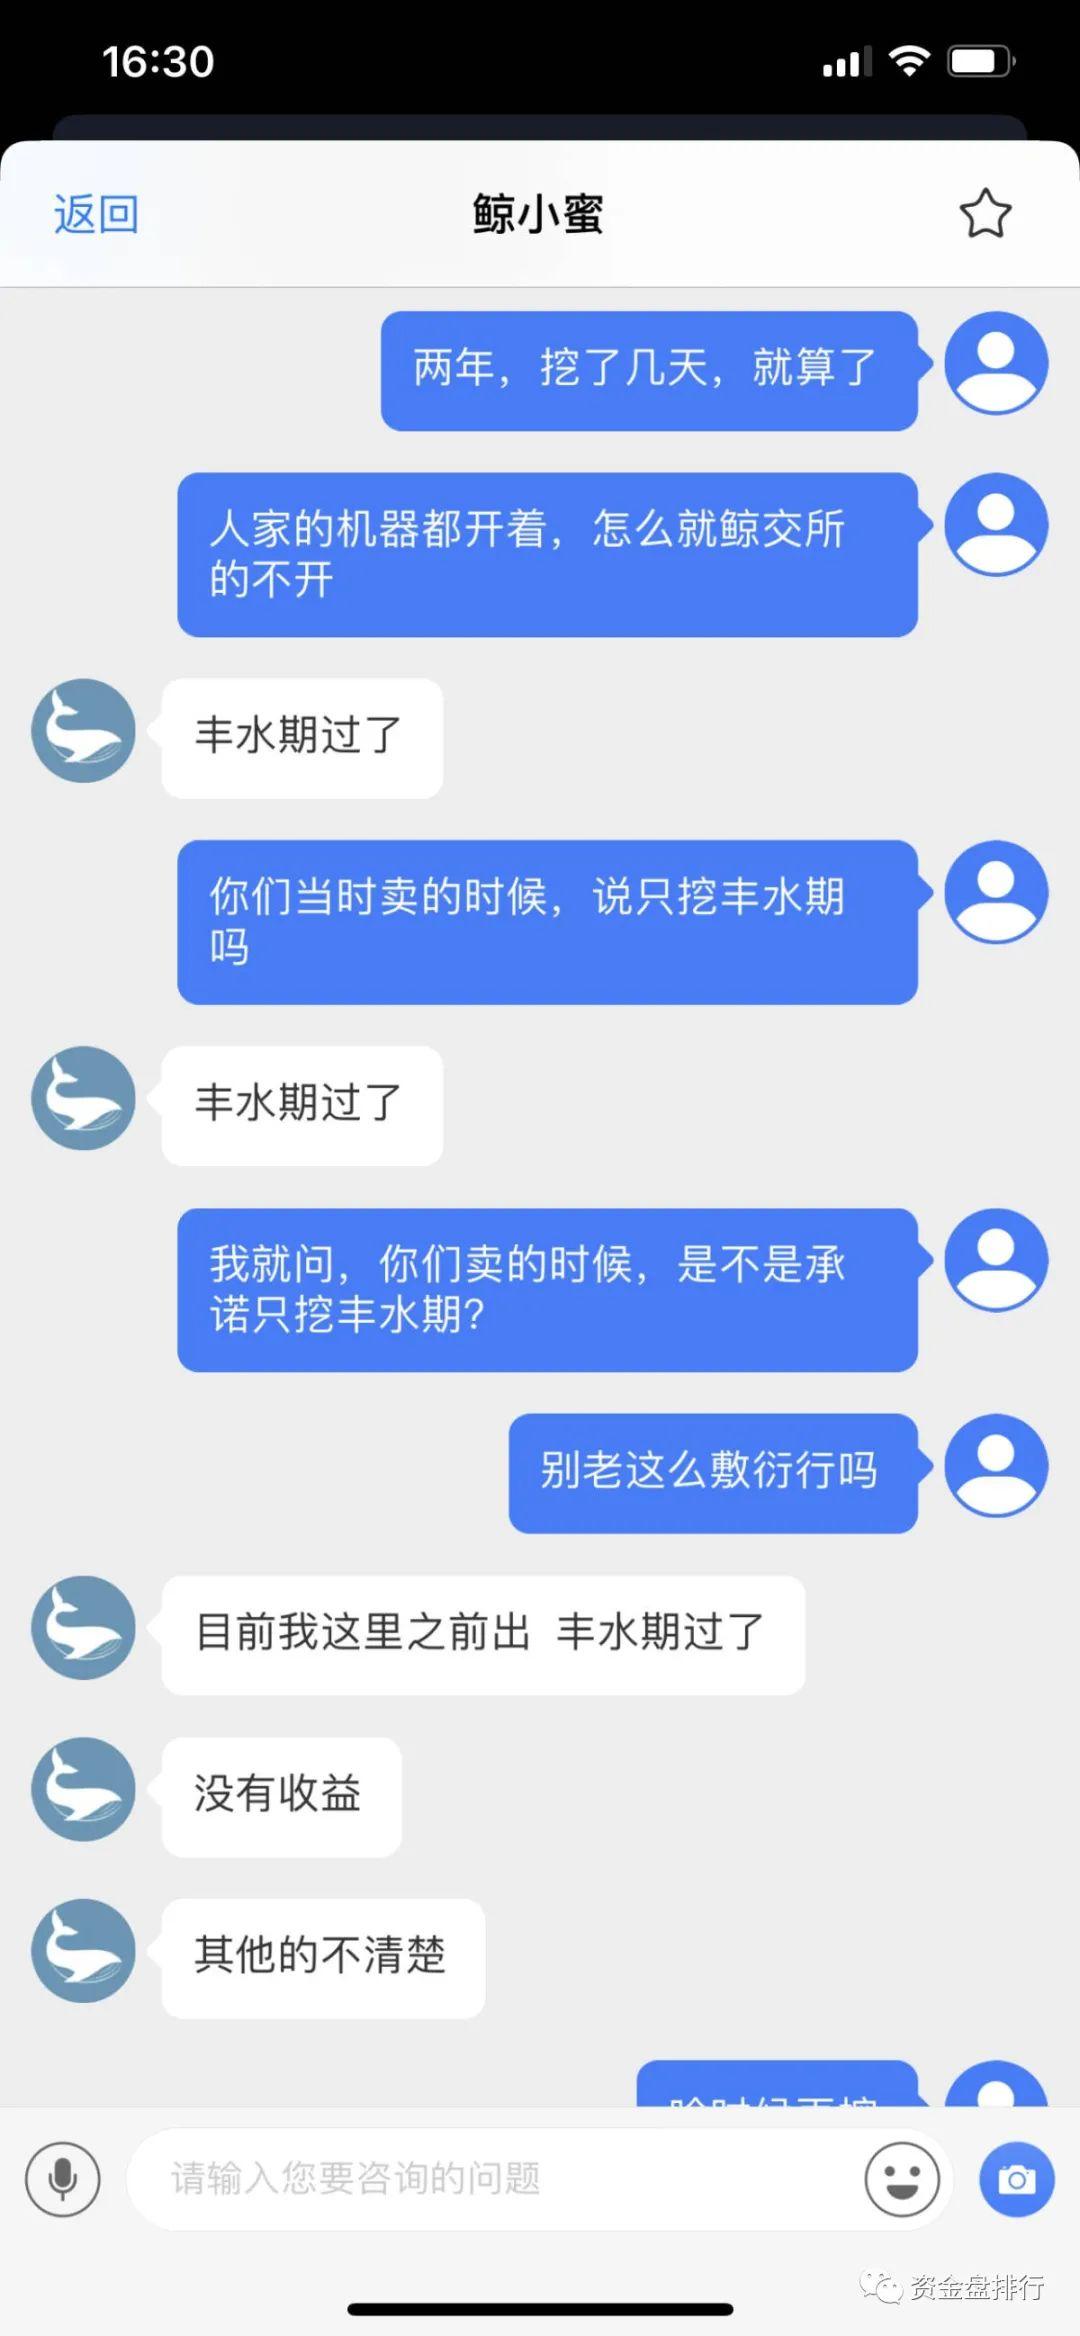 """【曝光】这家国内伪""""去中心化交易所""""千万别碰,要跑了!!!插图3"""